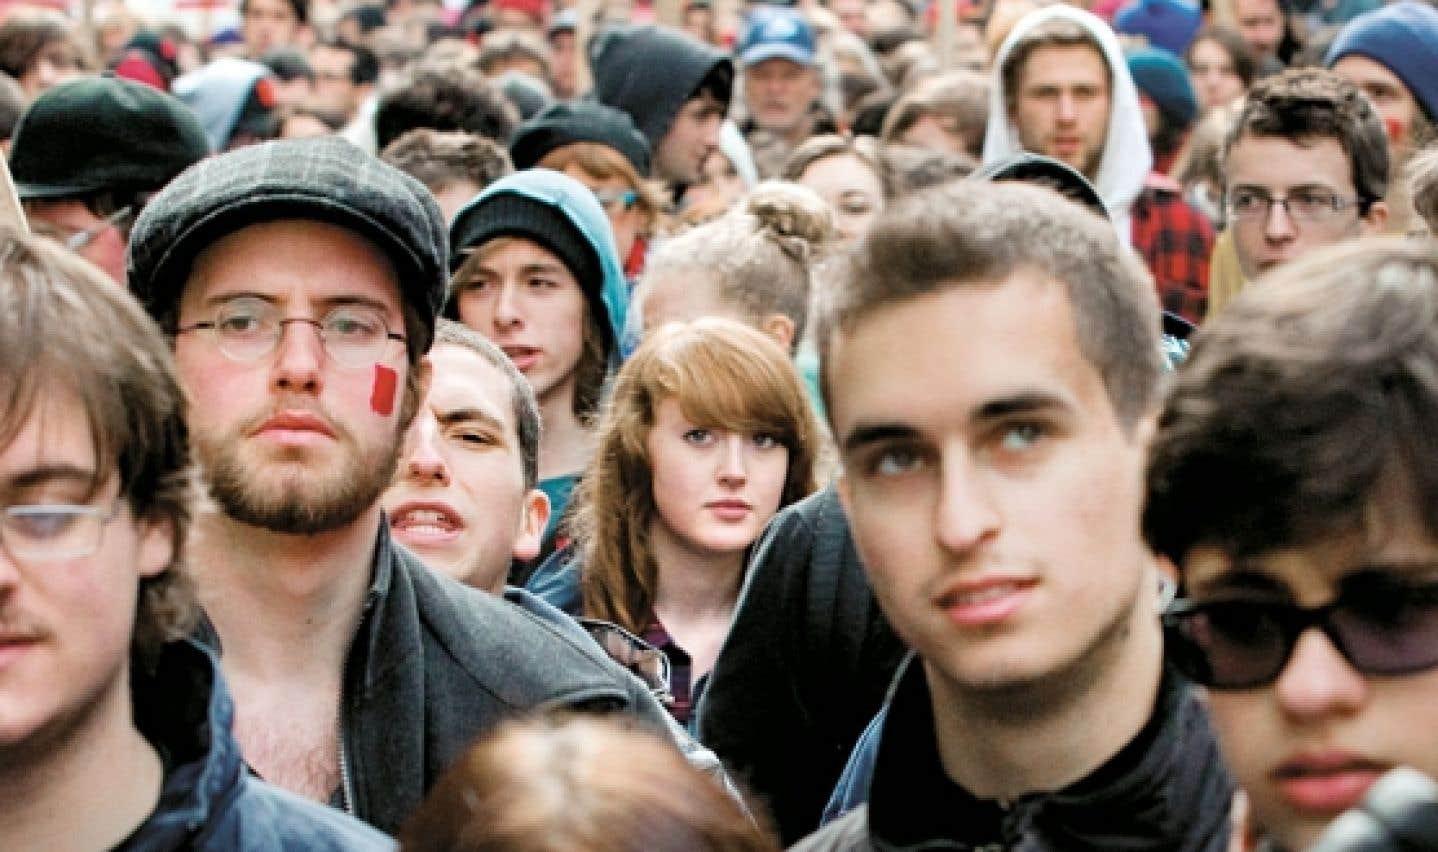 Conflit étudiant - Une crise qui forcera la réflexion